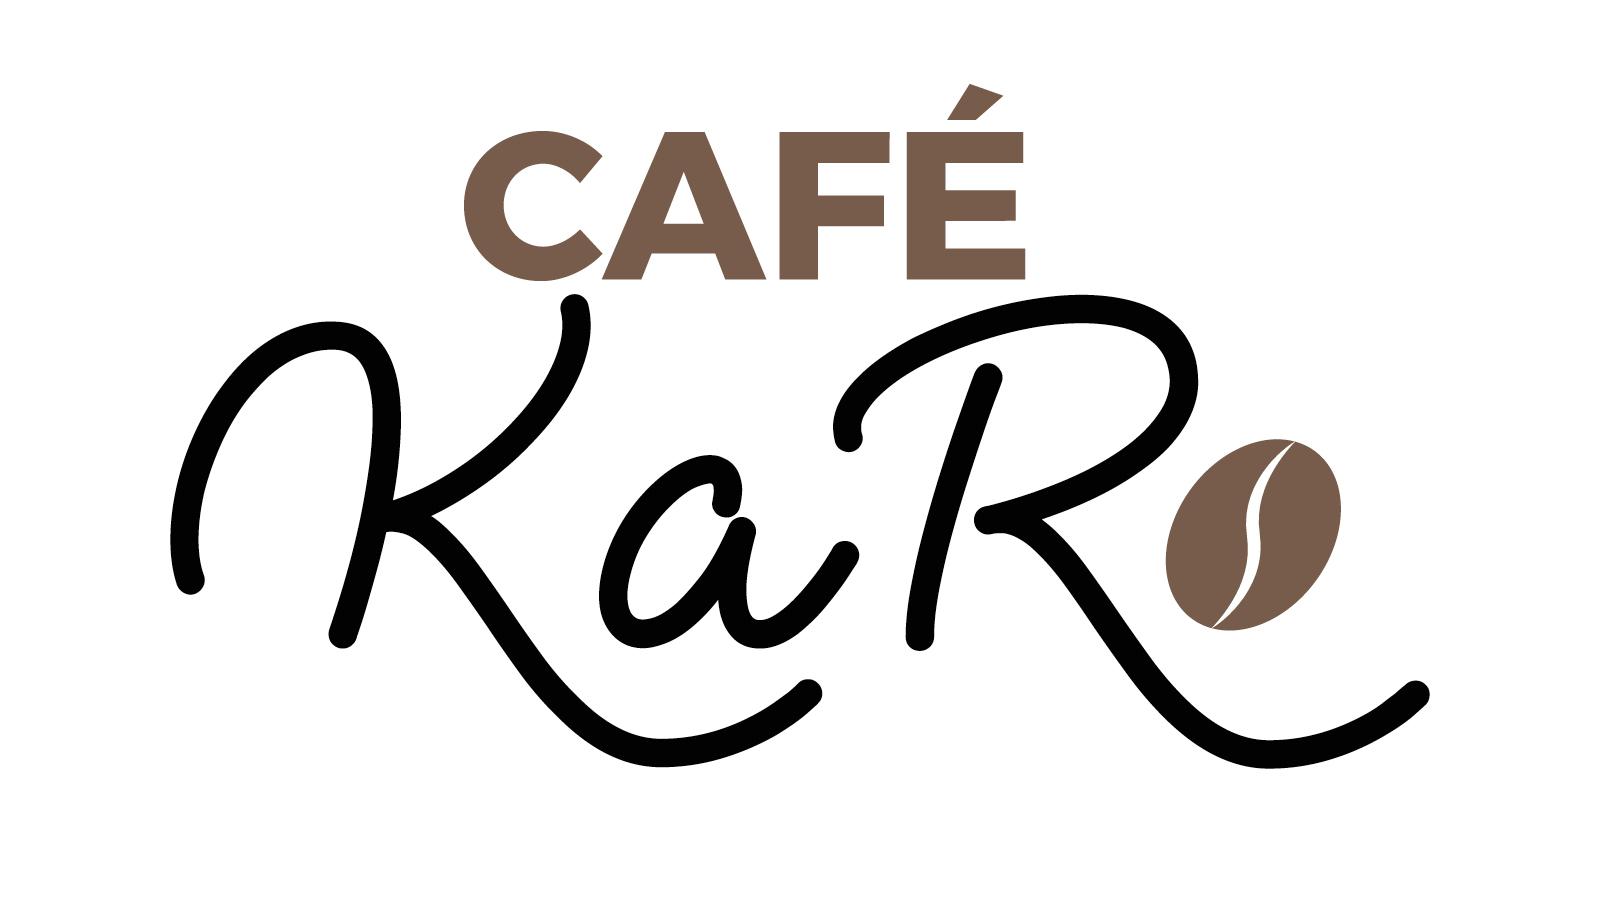 Cafe KaRo 1600x900 px_LOGO